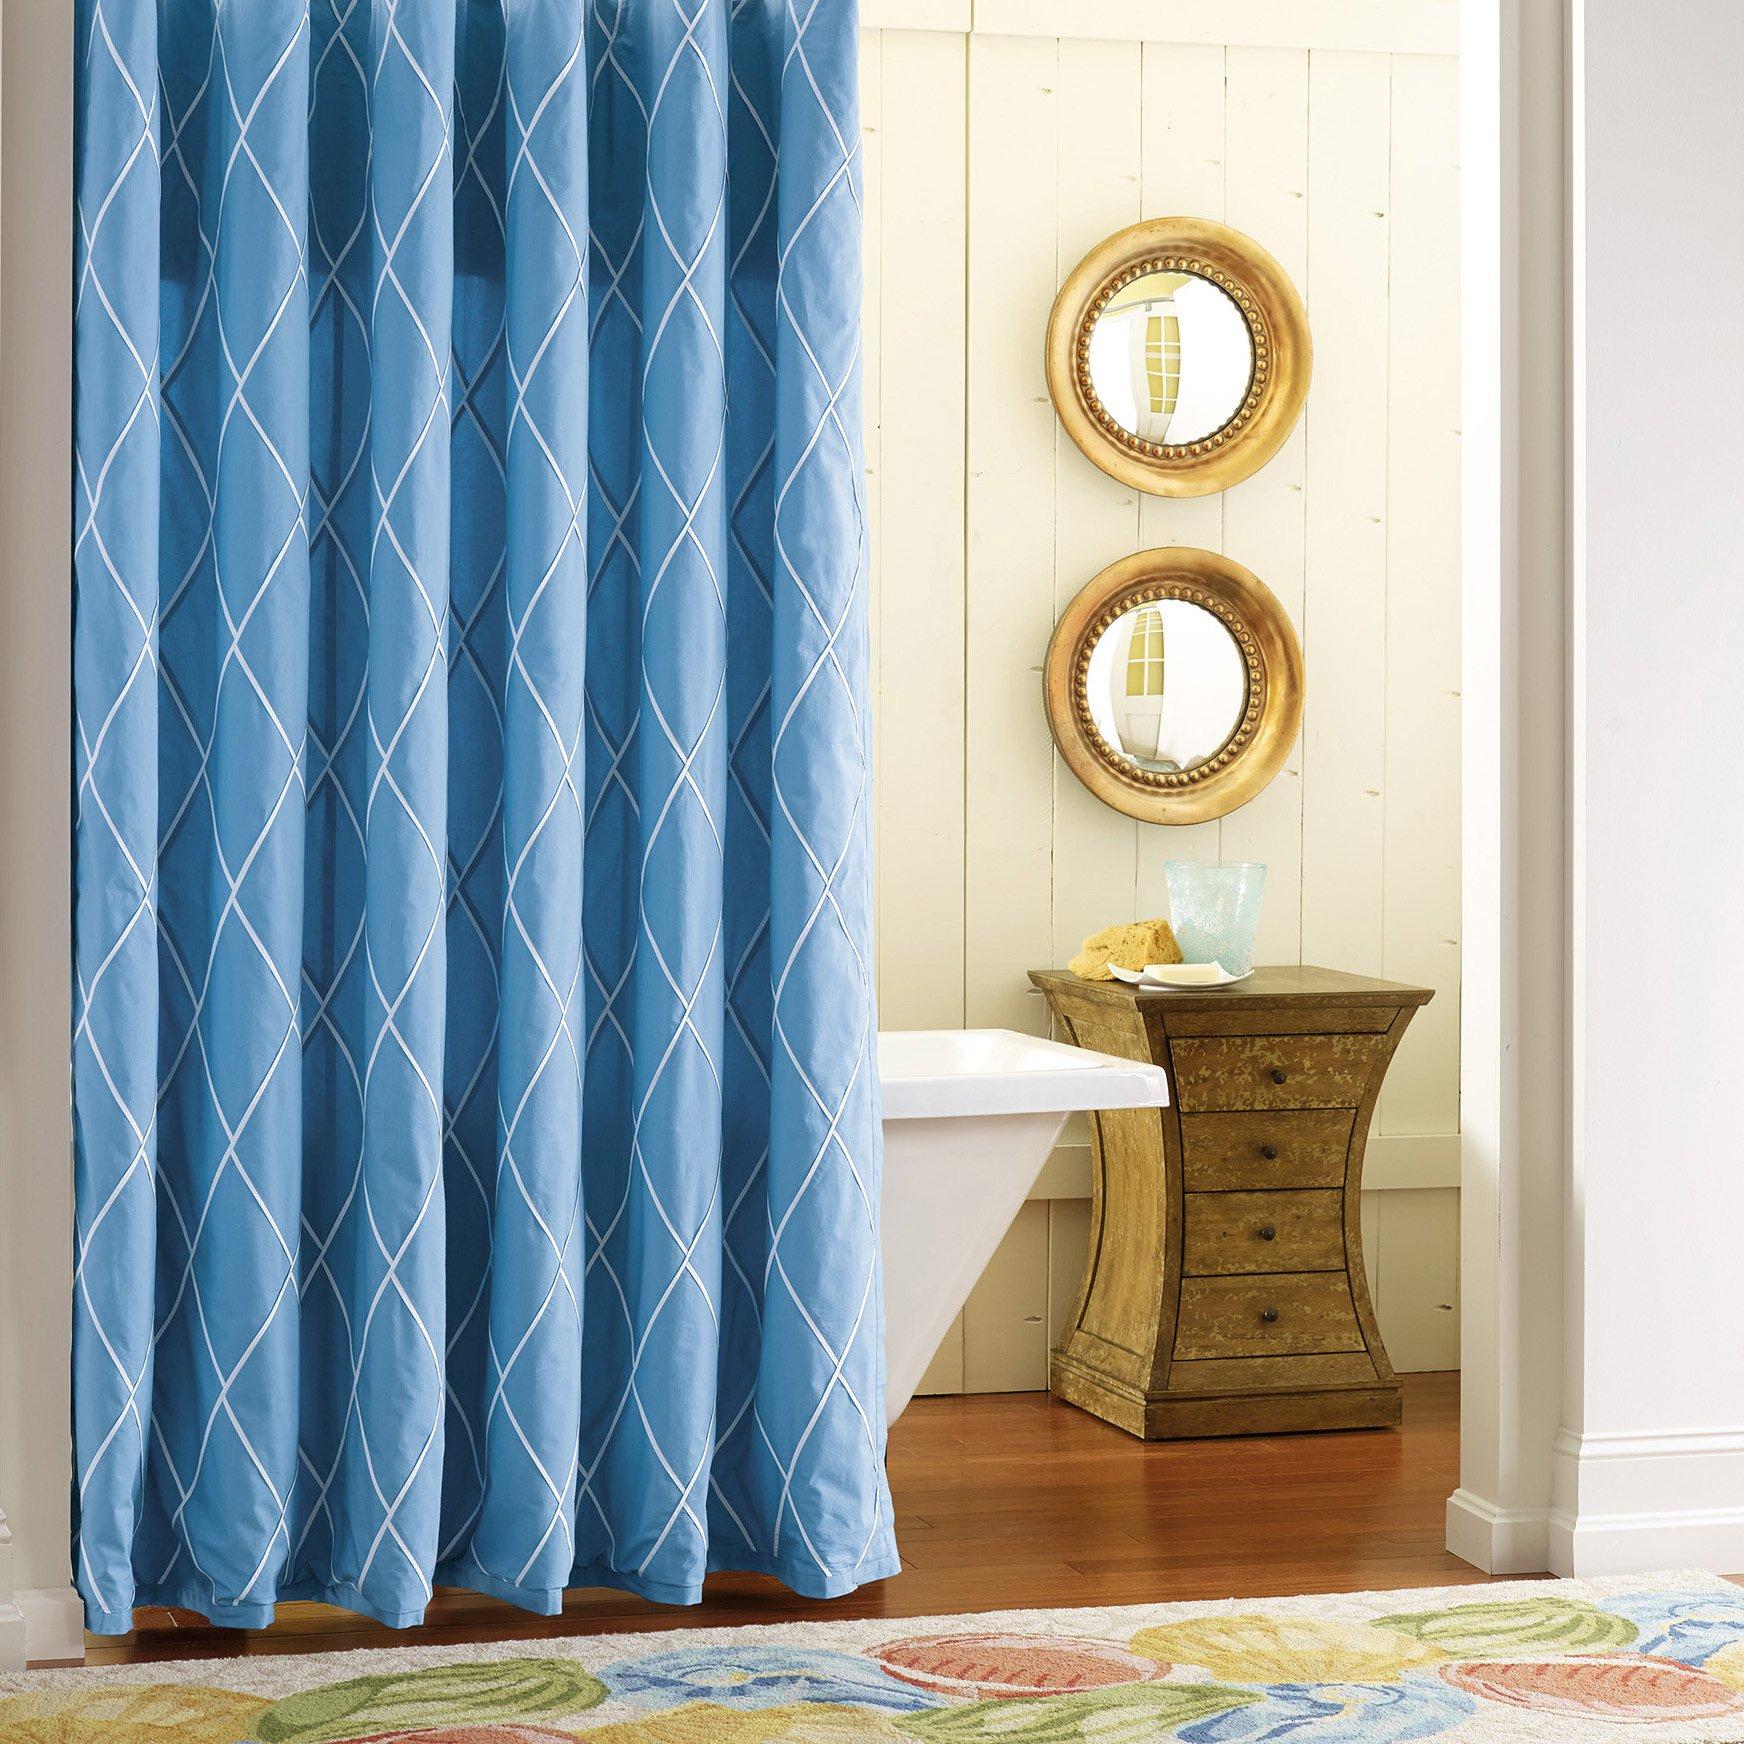 Company C Calypso Shower Curtain, 0, Capri Blue